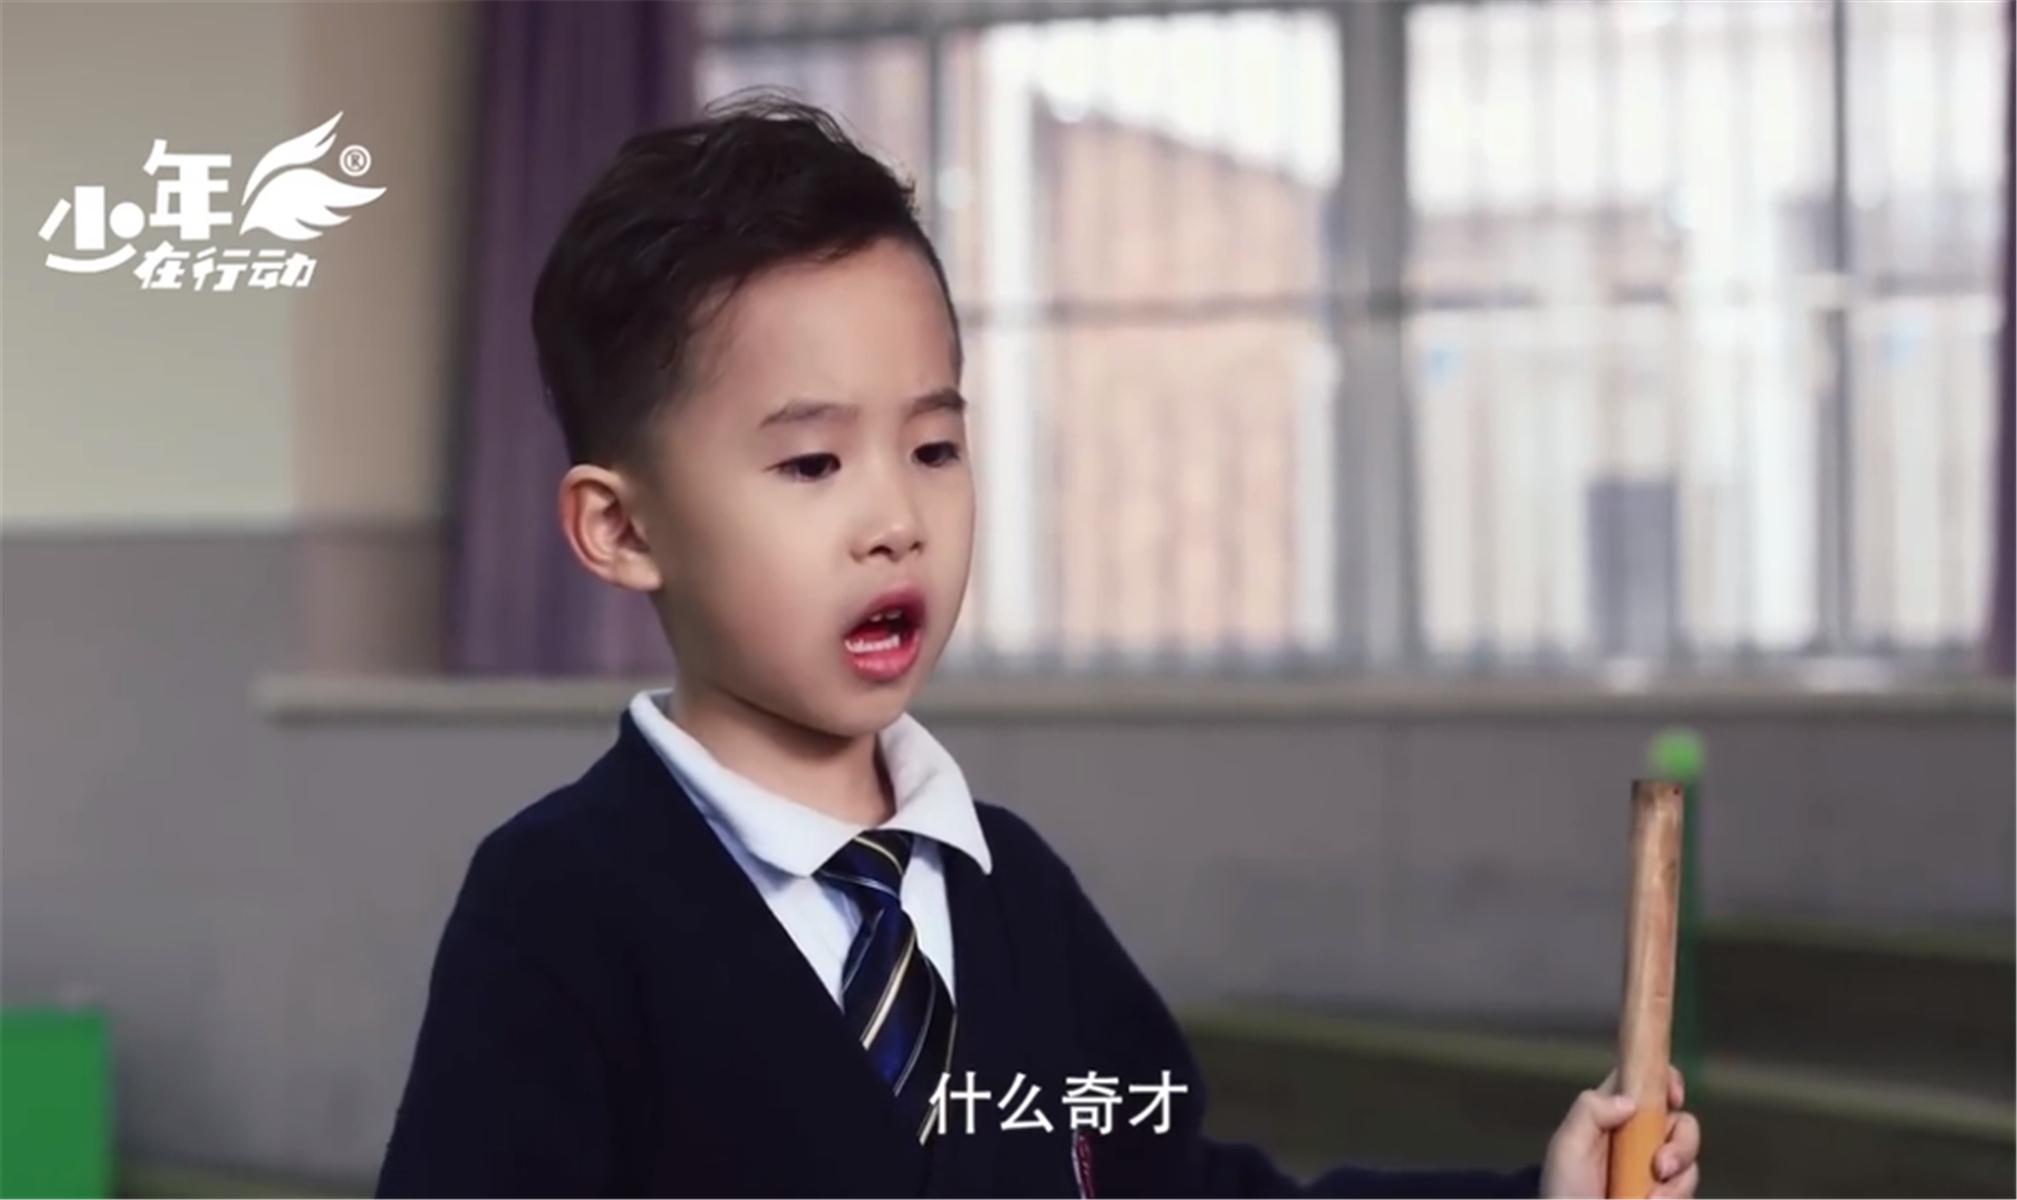 allbet gmaing:易烊千玺7岁弟弟出道参演微影戏 眉眼神似哥哥 第1张